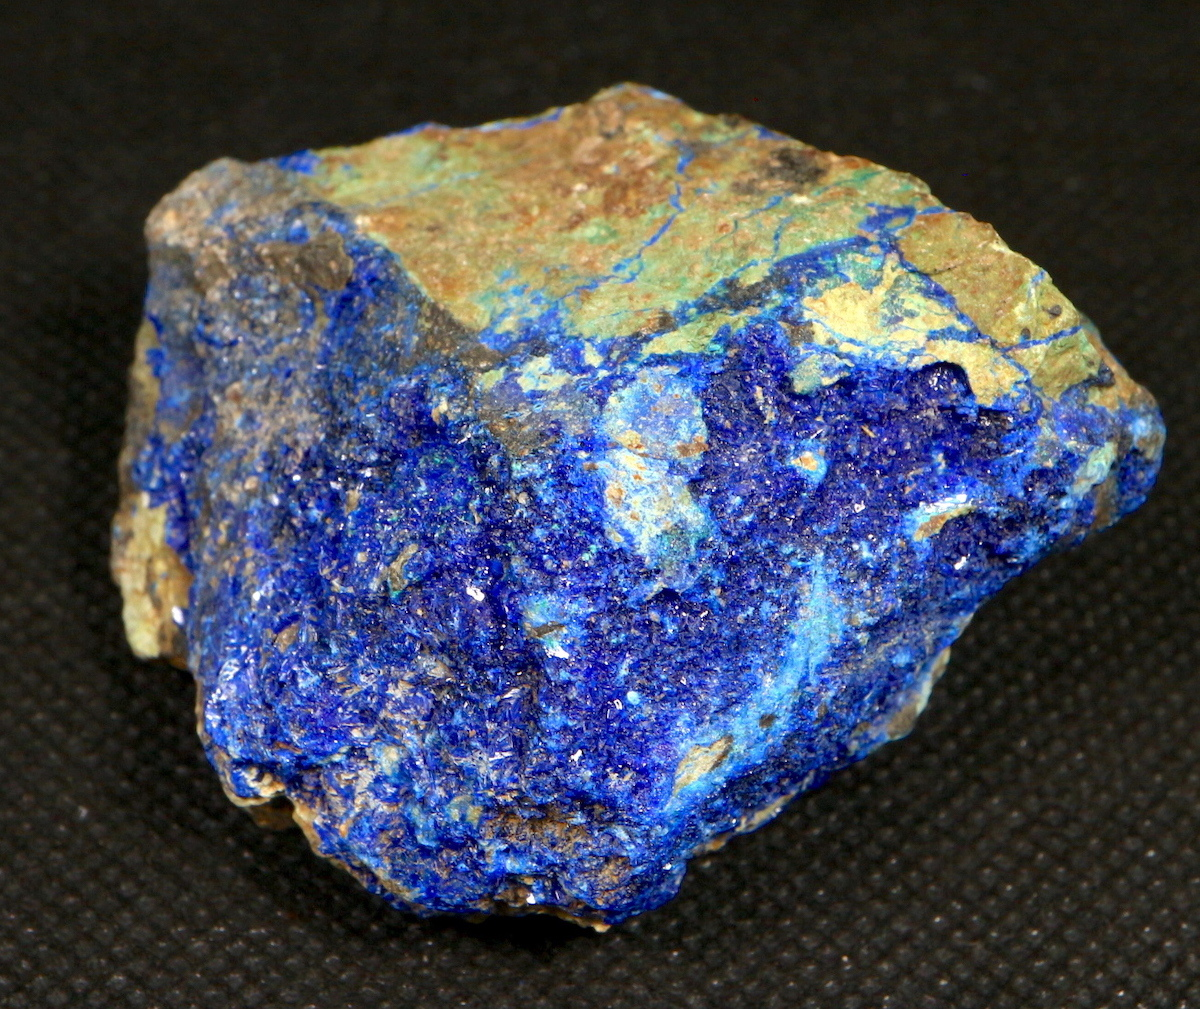 リナライト & カレドナイト 青鉛鉱 カレドニア石 112,3g LN011 鉱物 原石 天然石 パワーストーン